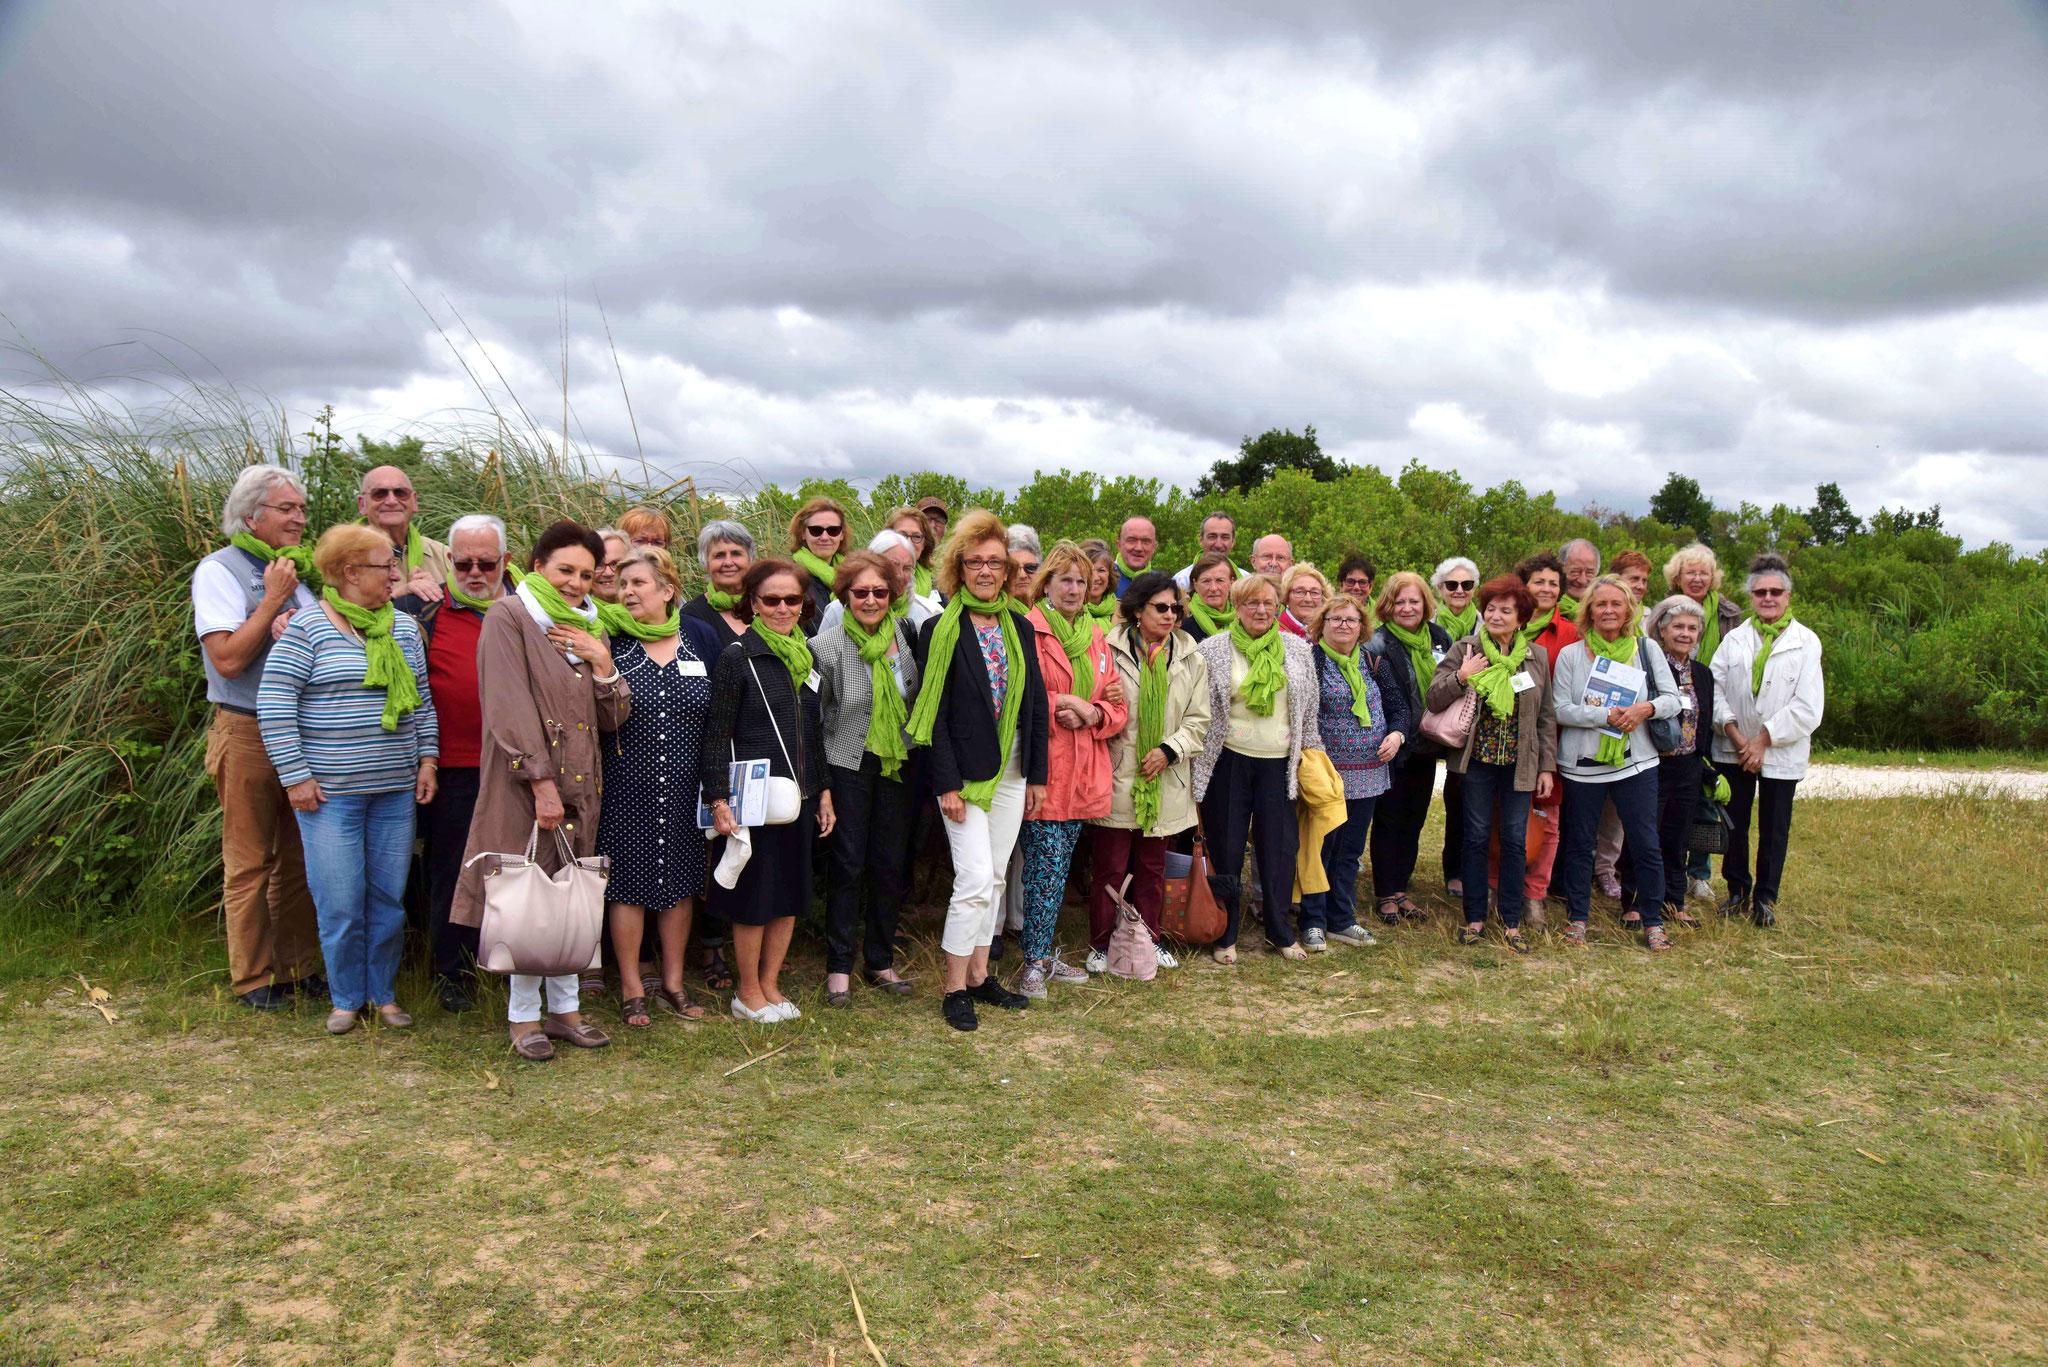 Journée de l'Assemblée en 2018: balade avec les bénévoles dans le port d'Audenge